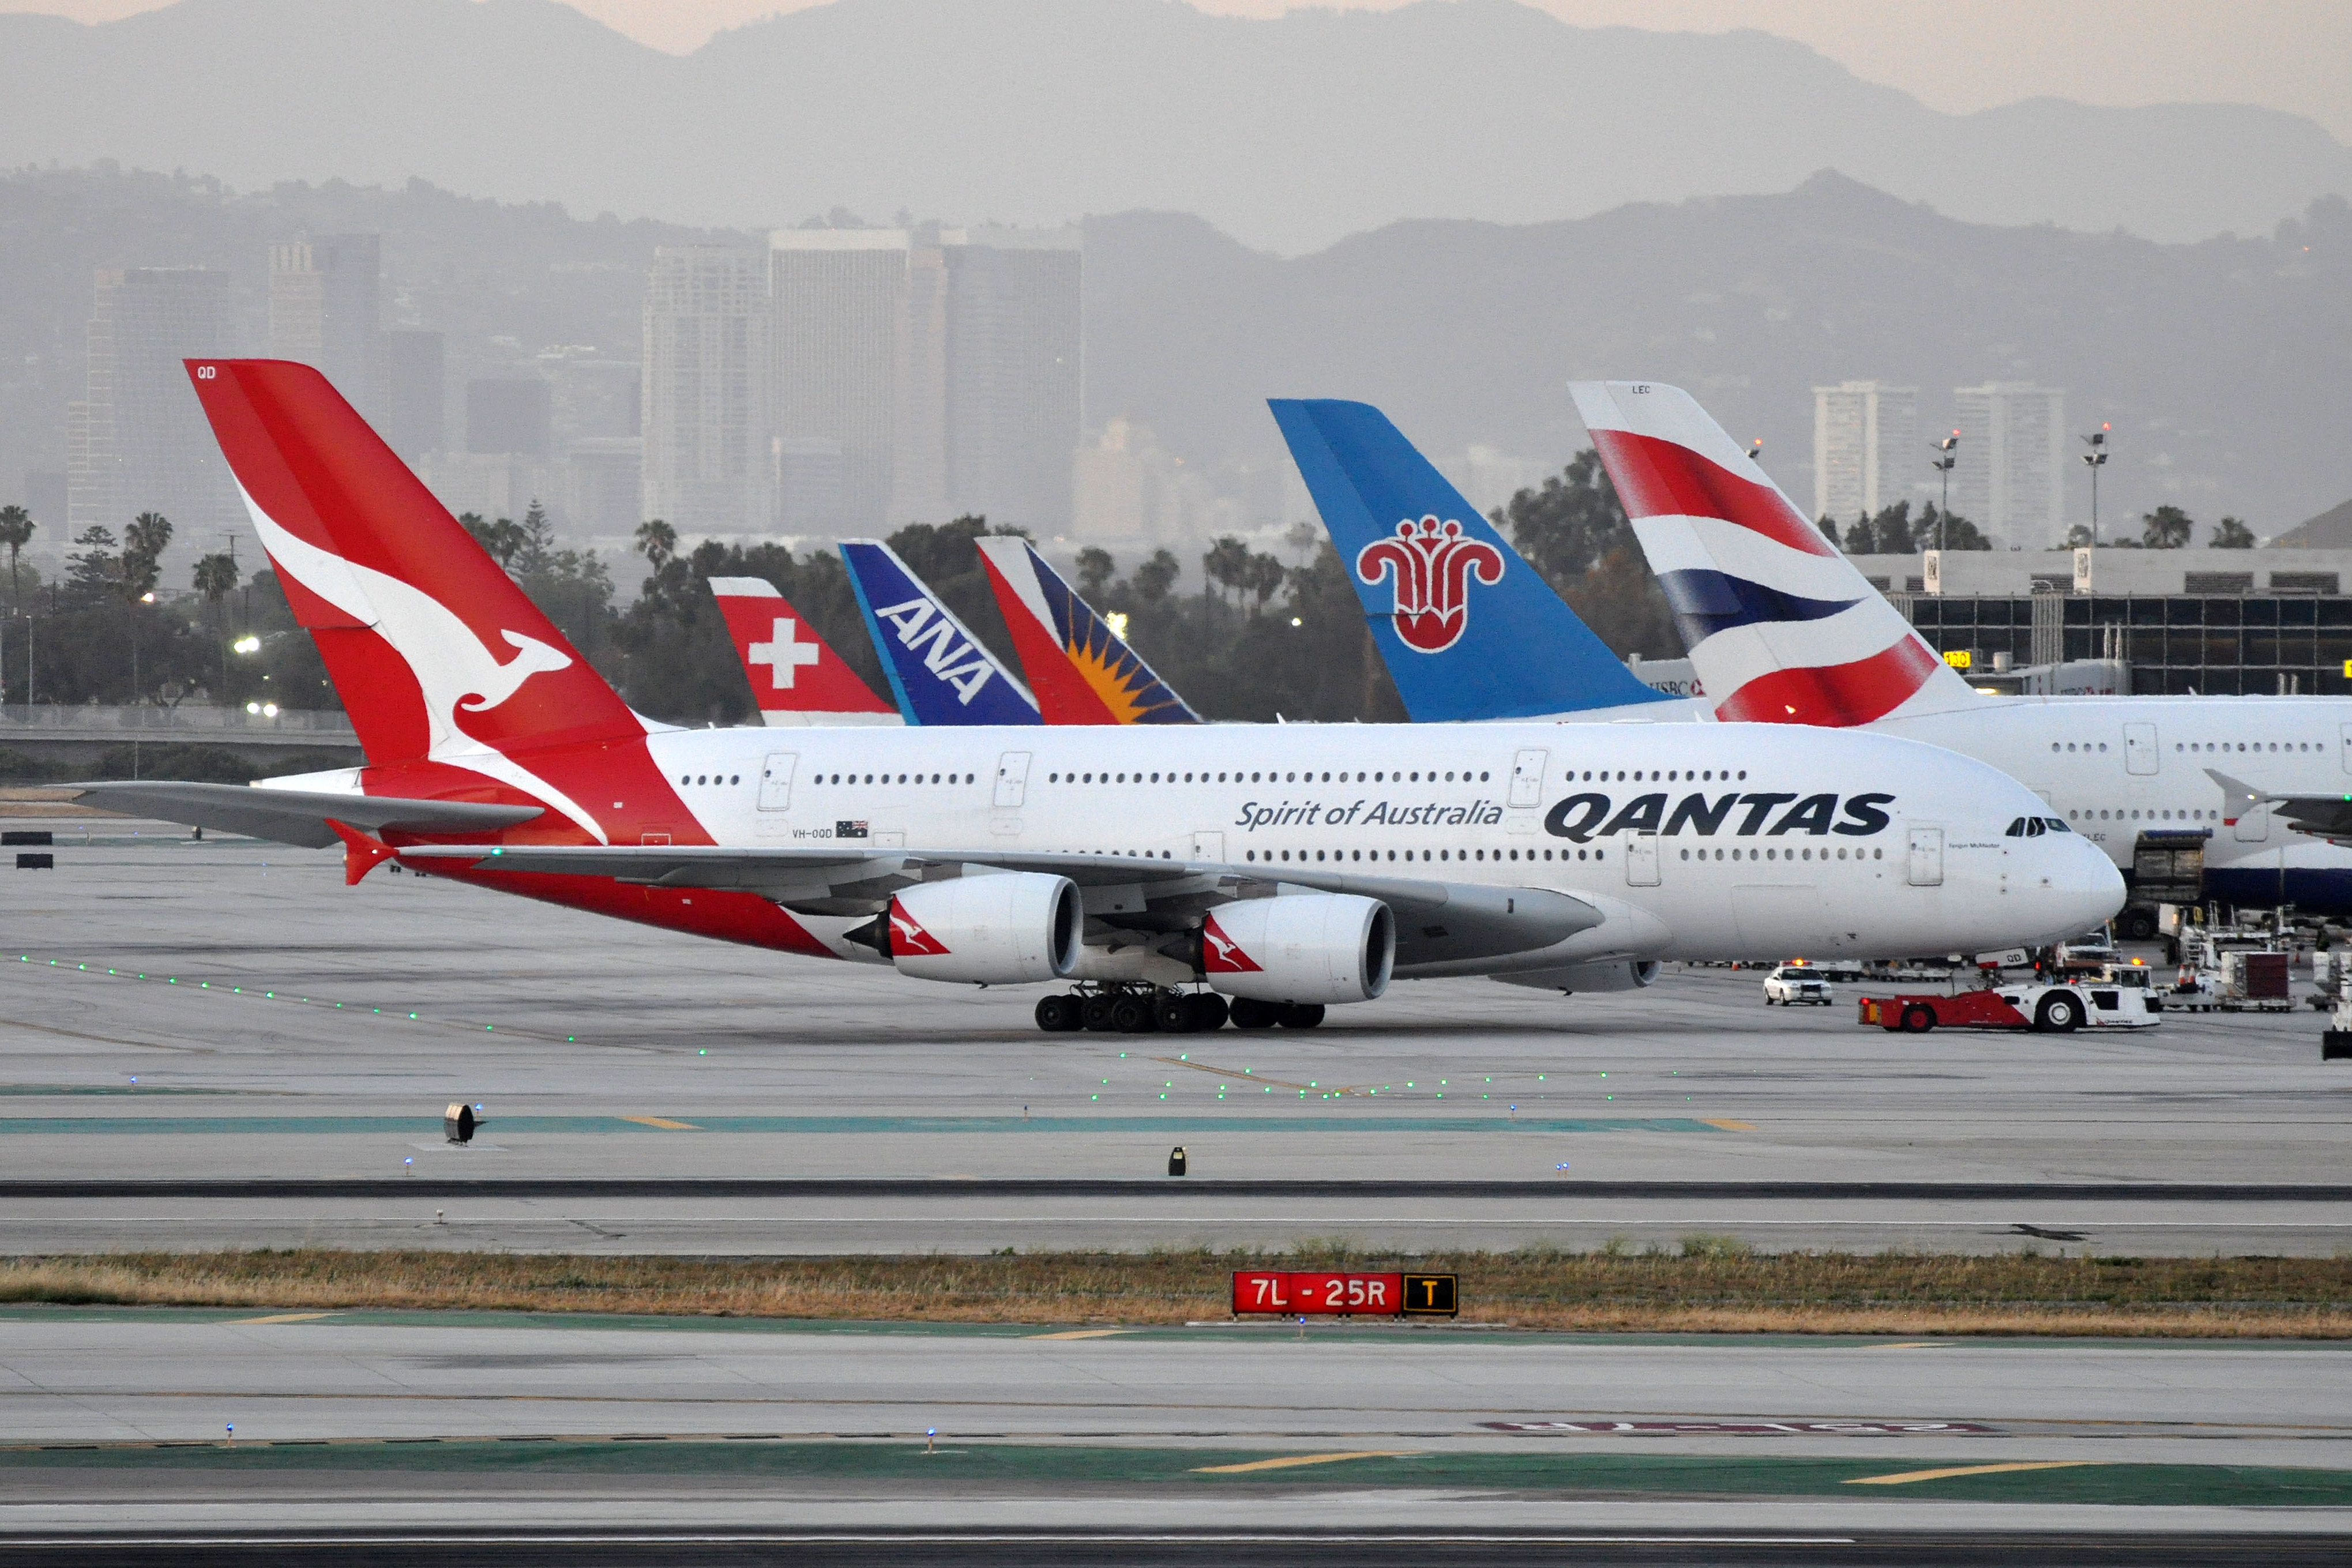 File:Qantas Airbus A380 at LAX jpg - Wikimedia Commons